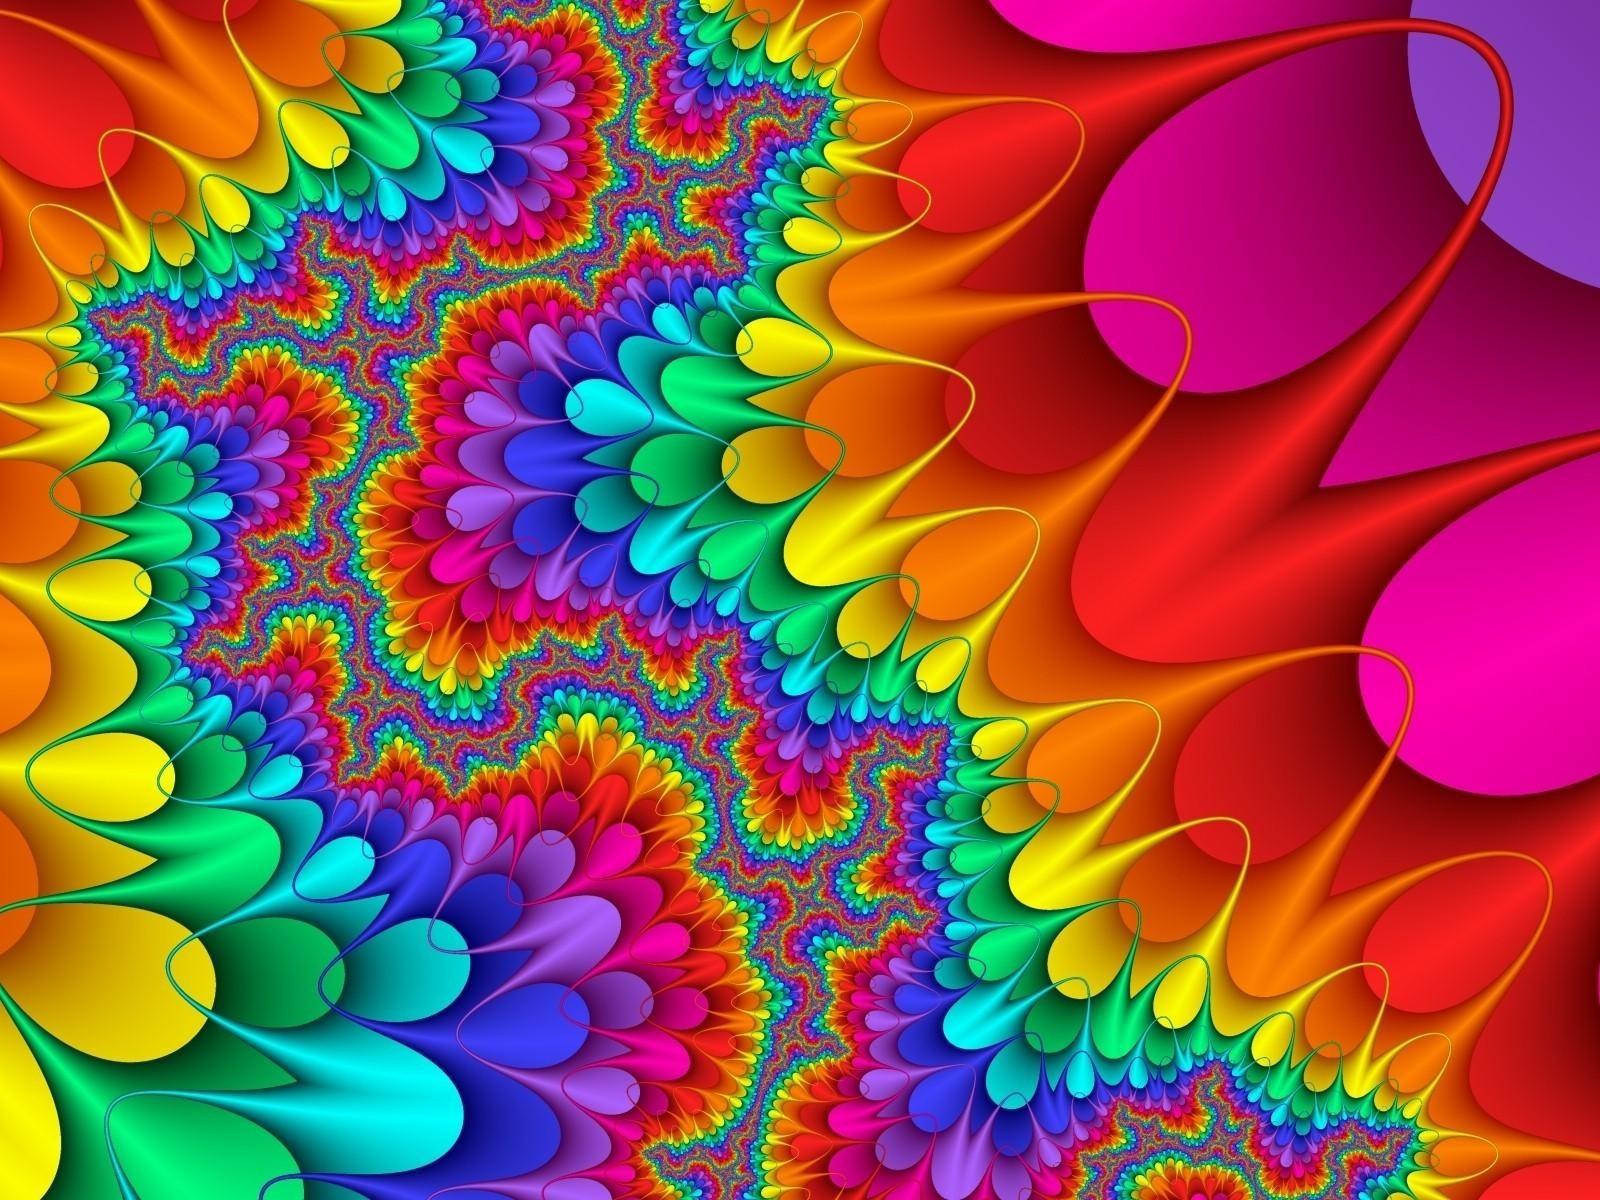 Backgrounds Hd Tie Dye Colorful Vortex Swirls Wallpaper: Abstracte Achtergrond Veel Kleuren